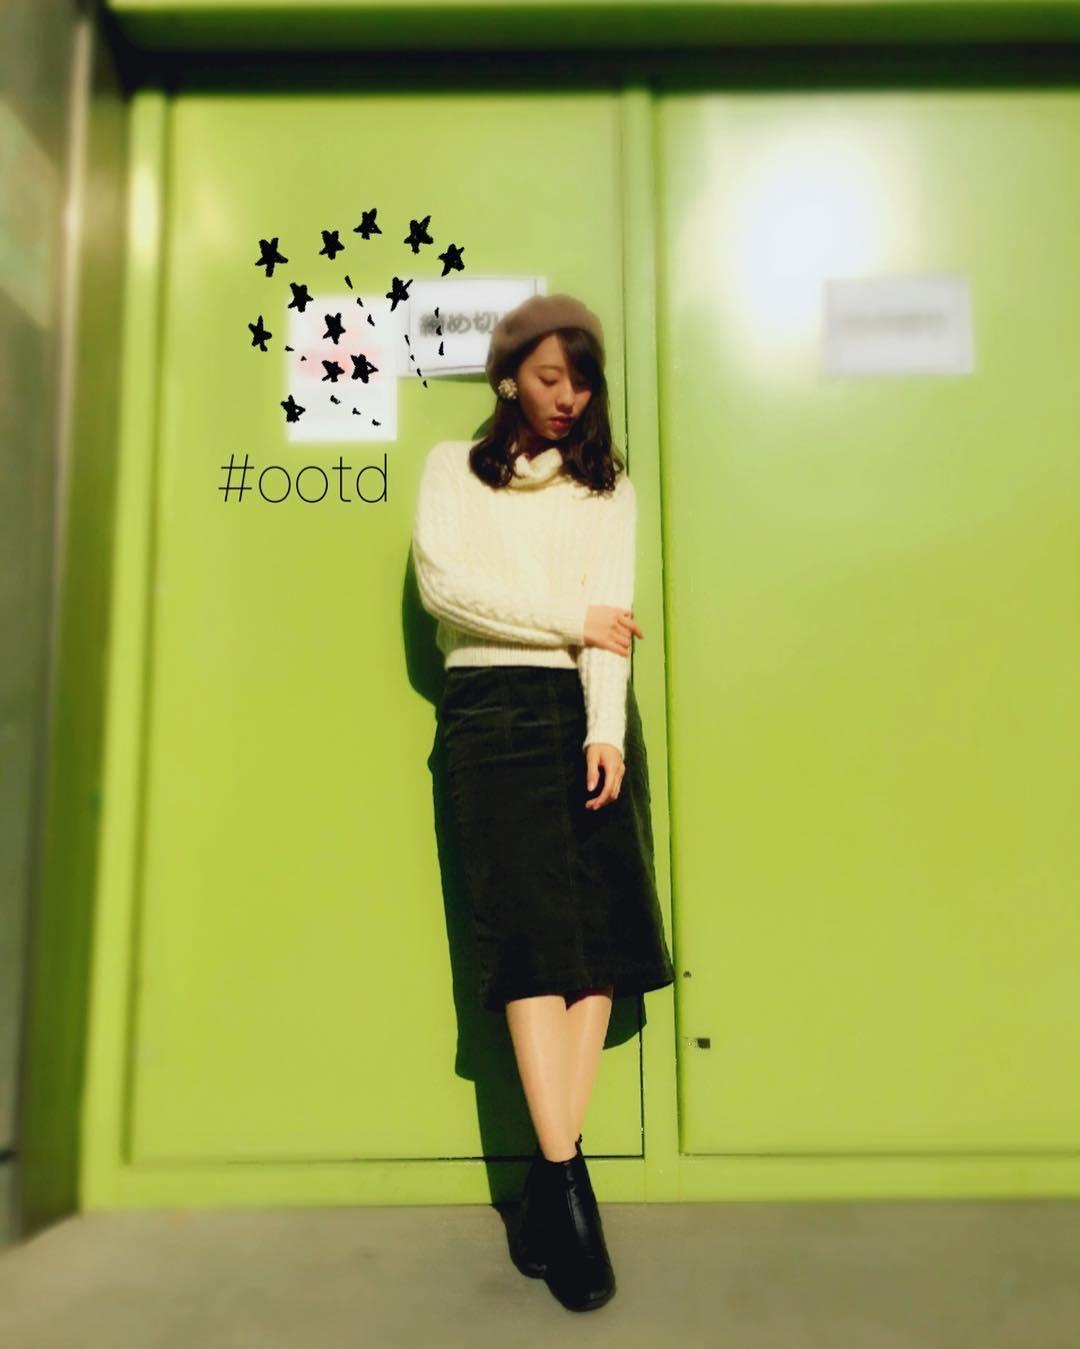 定番の黒タイトスカートを可愛く着こなす!秋冬のお勧めコーデのサムネイル画像